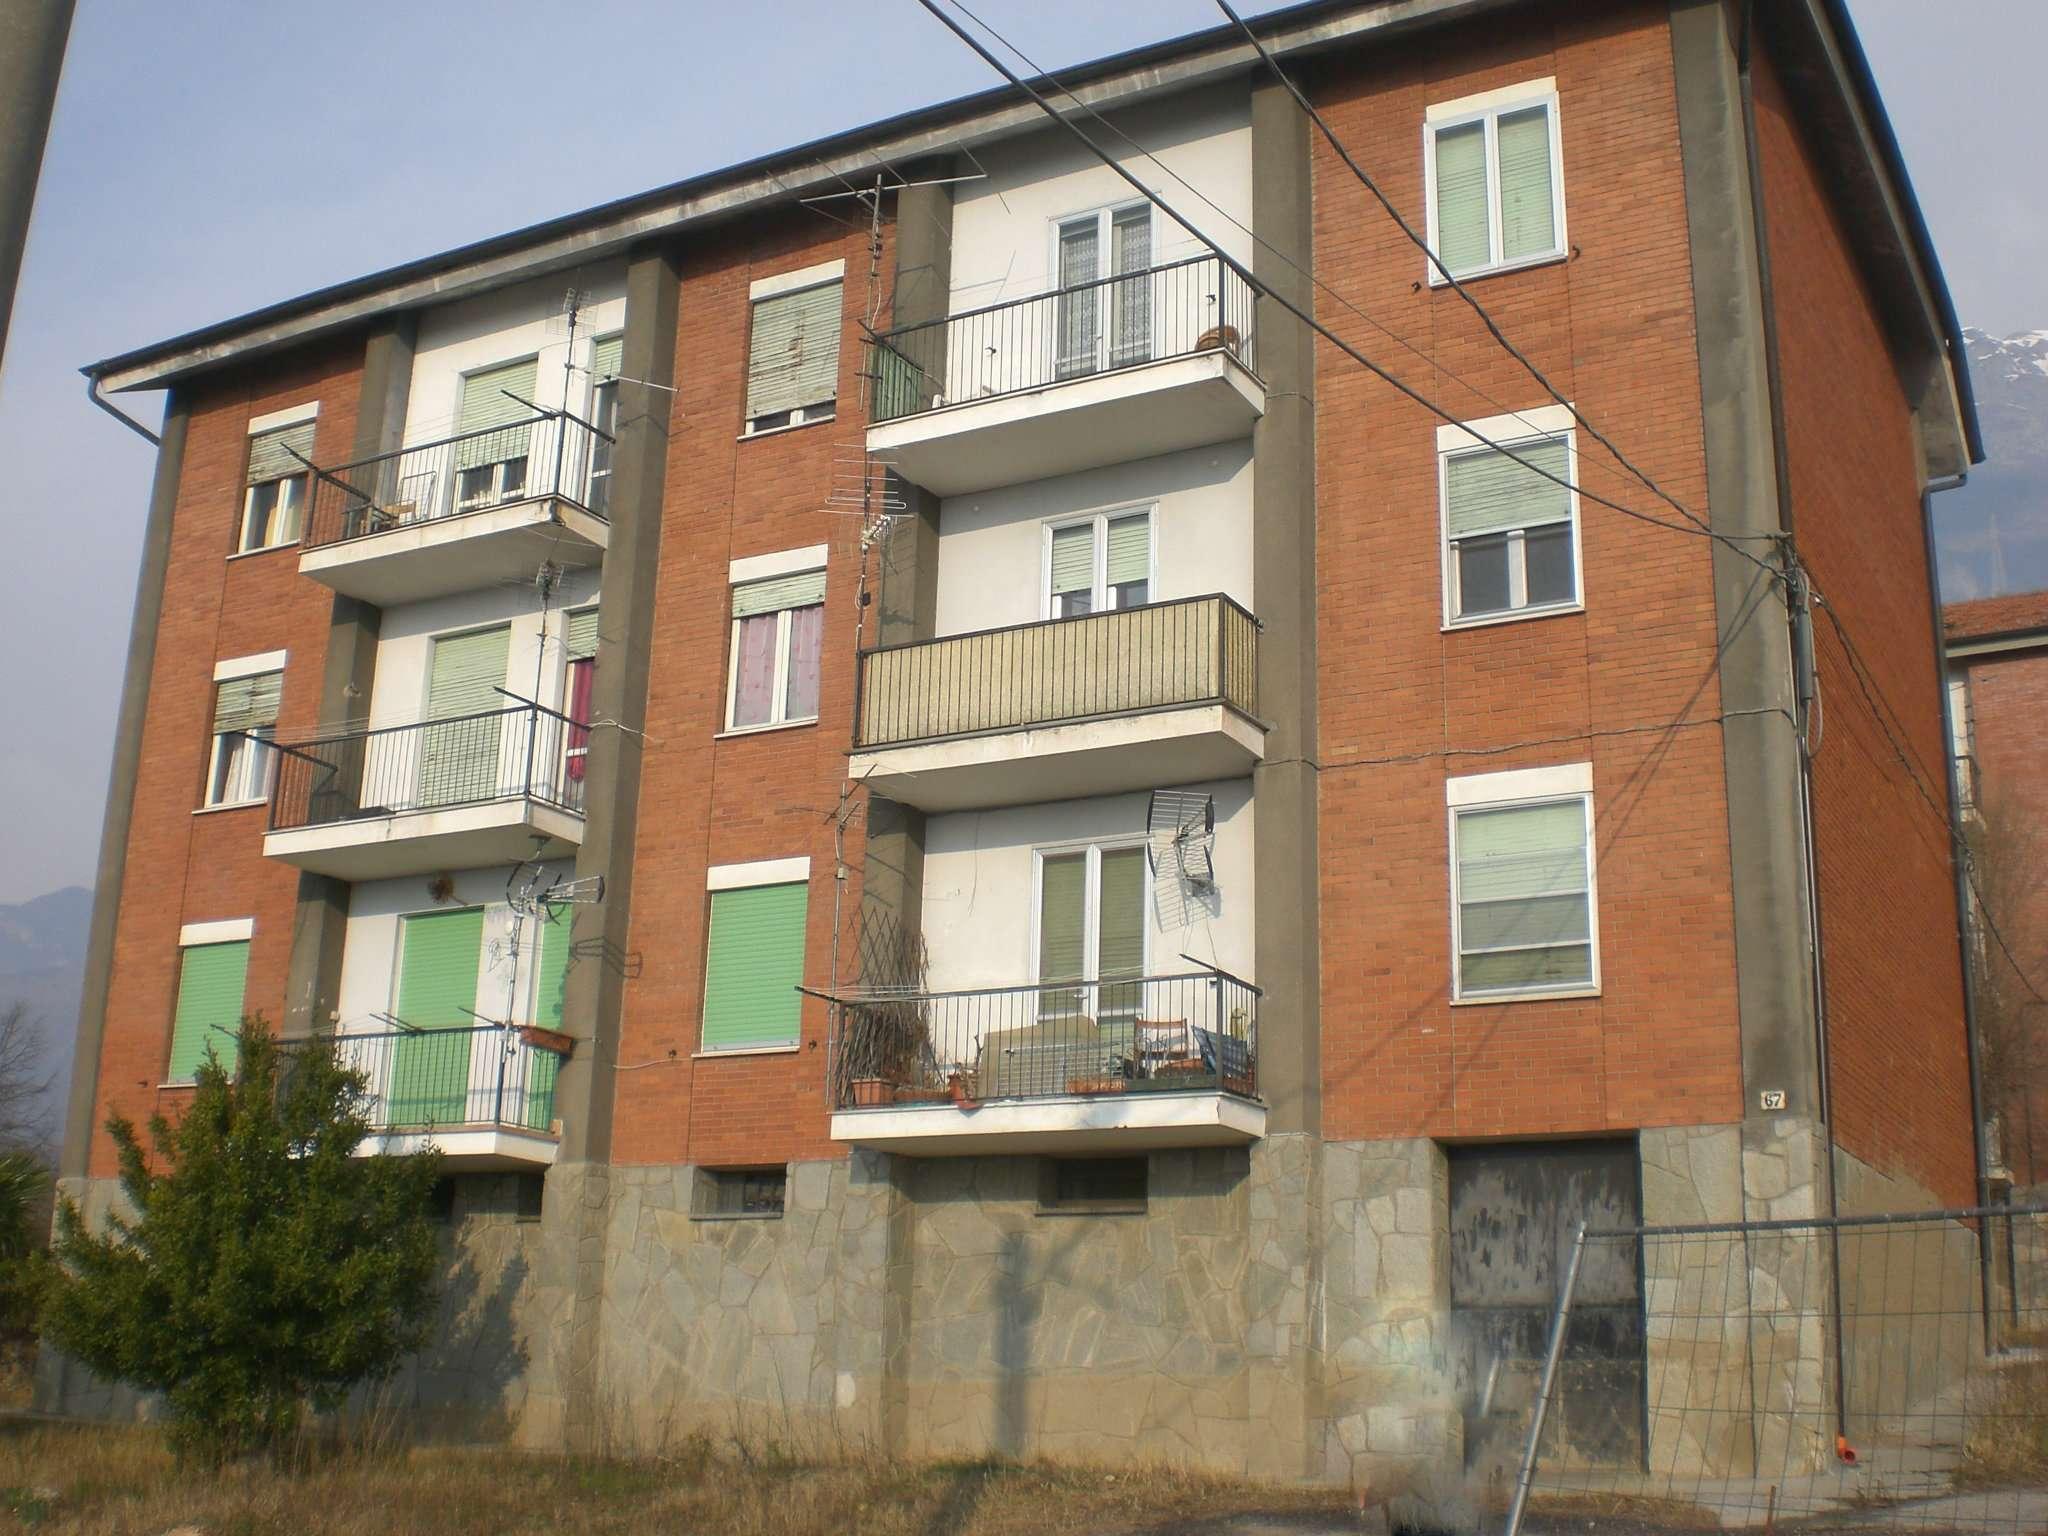 Appartamento in vendita a Bussoleno, 4 locali, prezzo € 29.000 | PortaleAgenzieImmobiliari.it